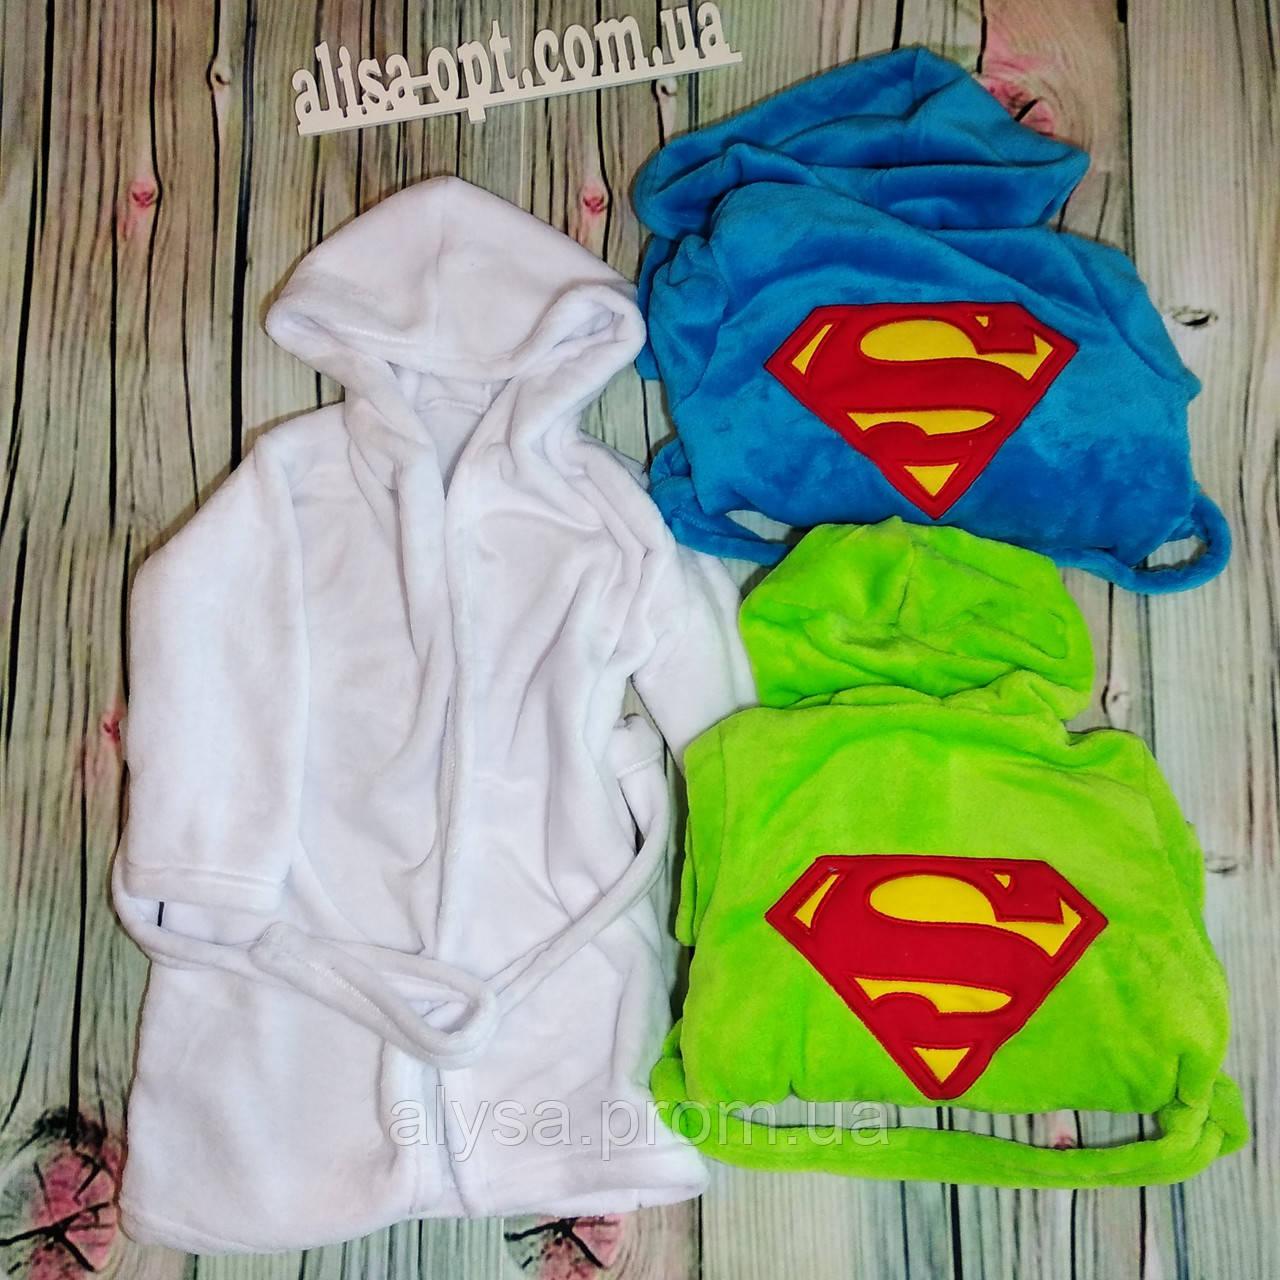 Халат дитячий Супермен махра